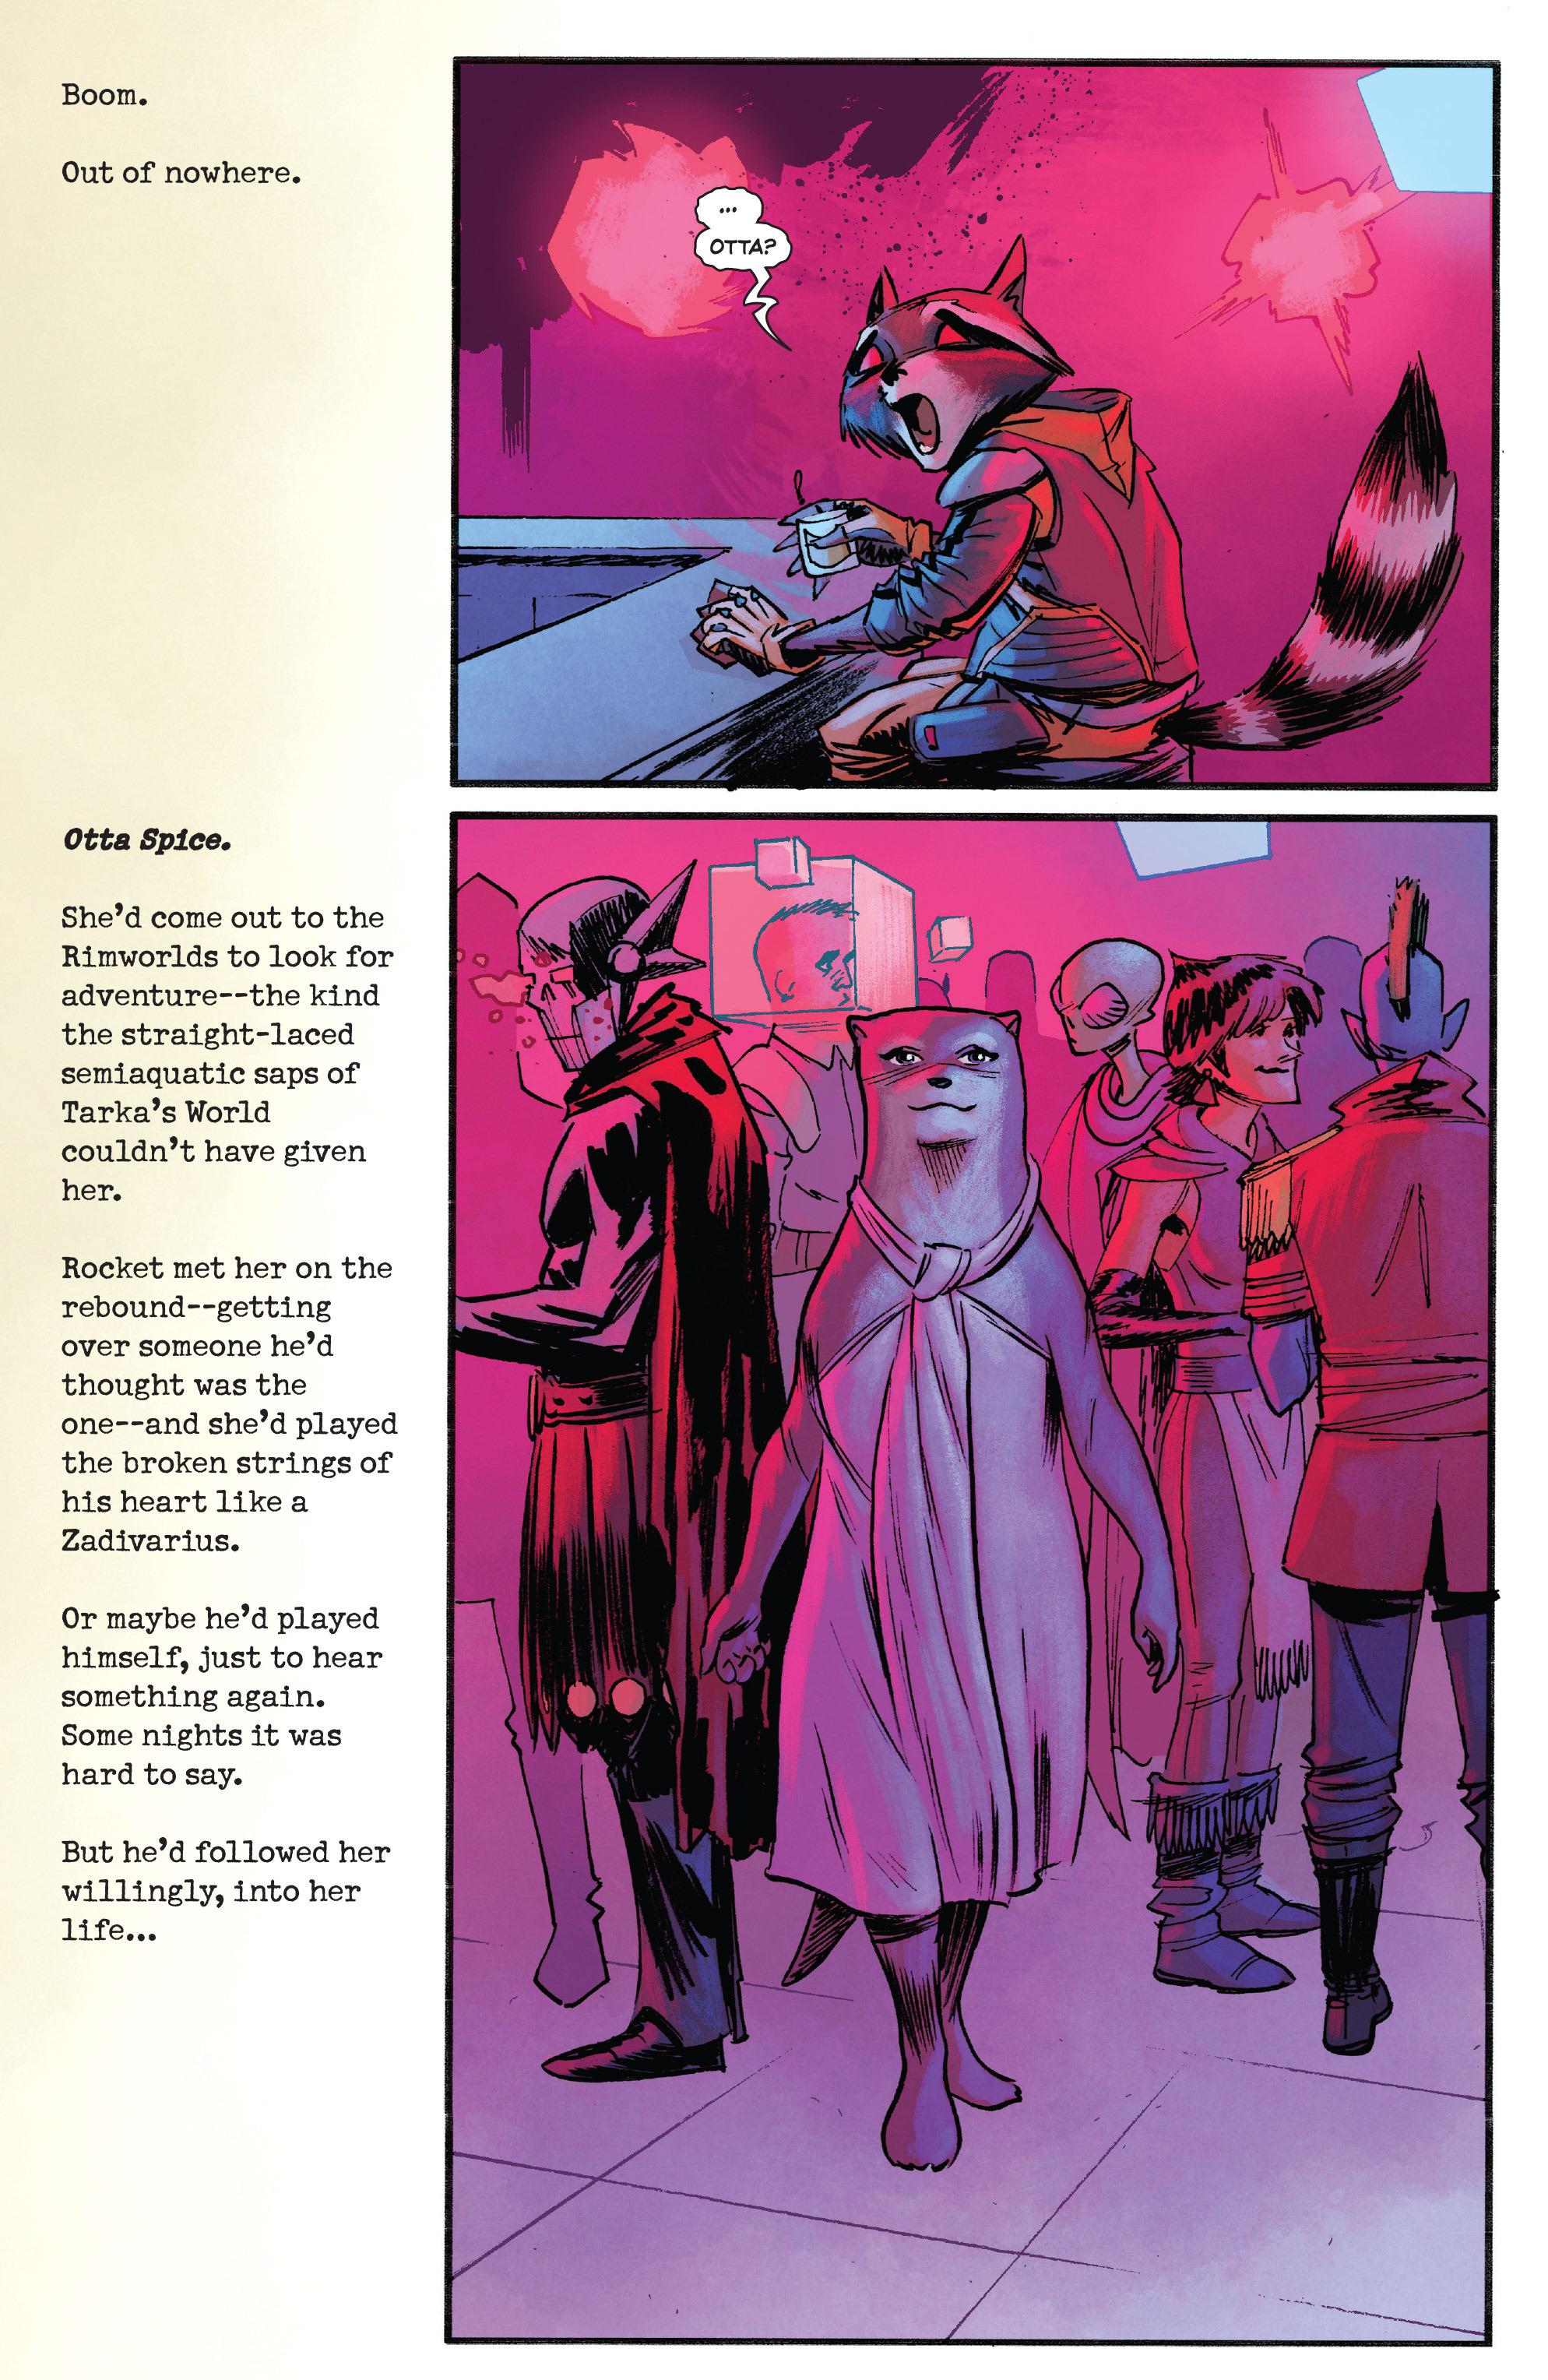 Read online Rocket comic -  Issue #1 - 6